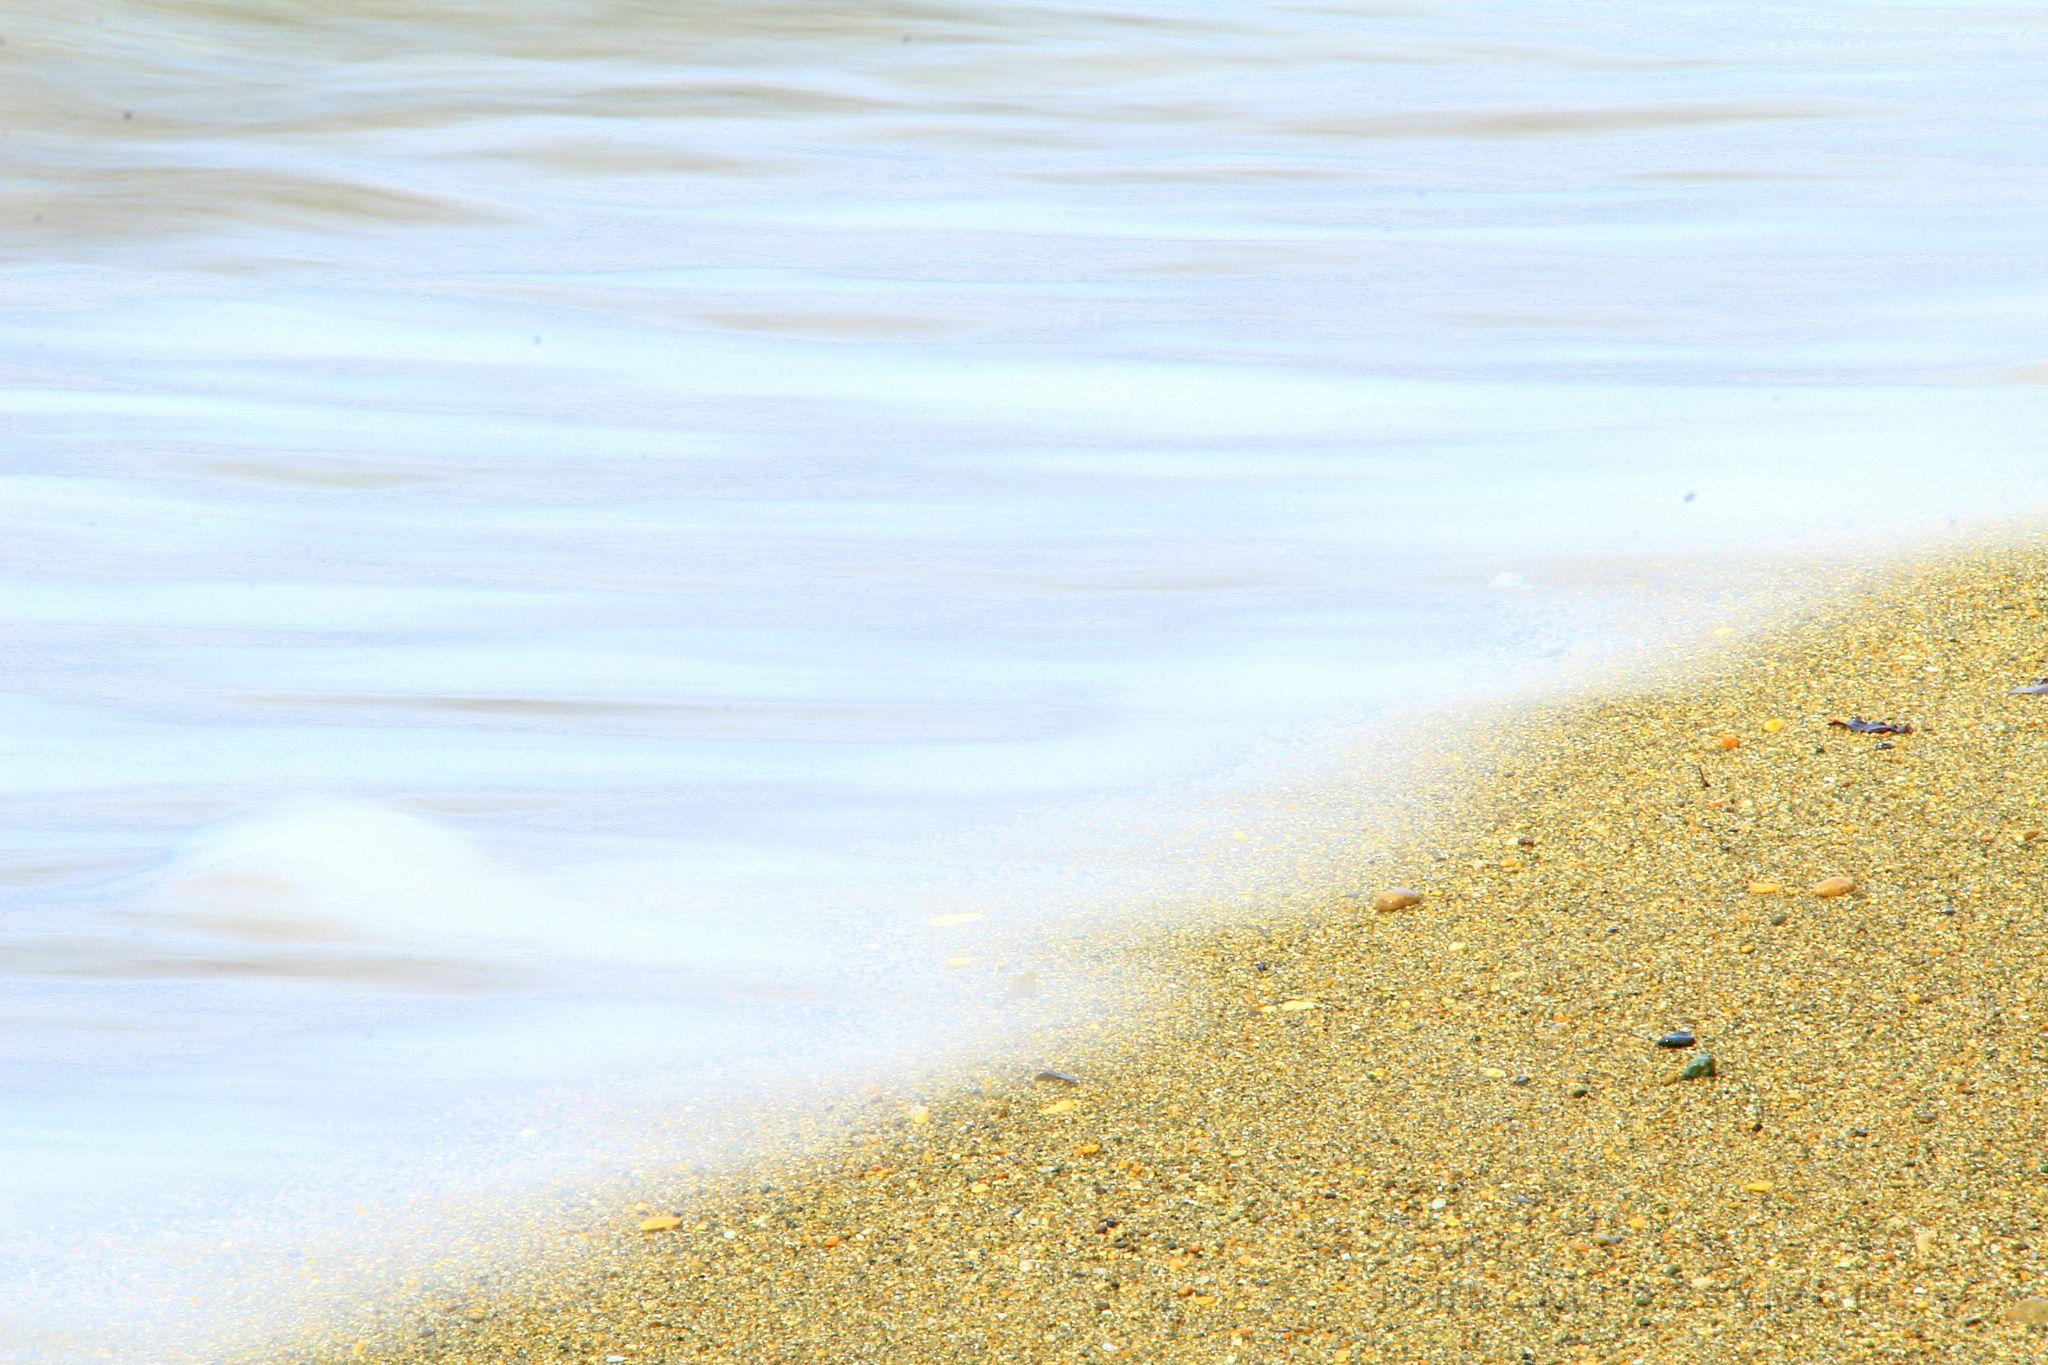 Sand and the Sea by John Galeos Sy